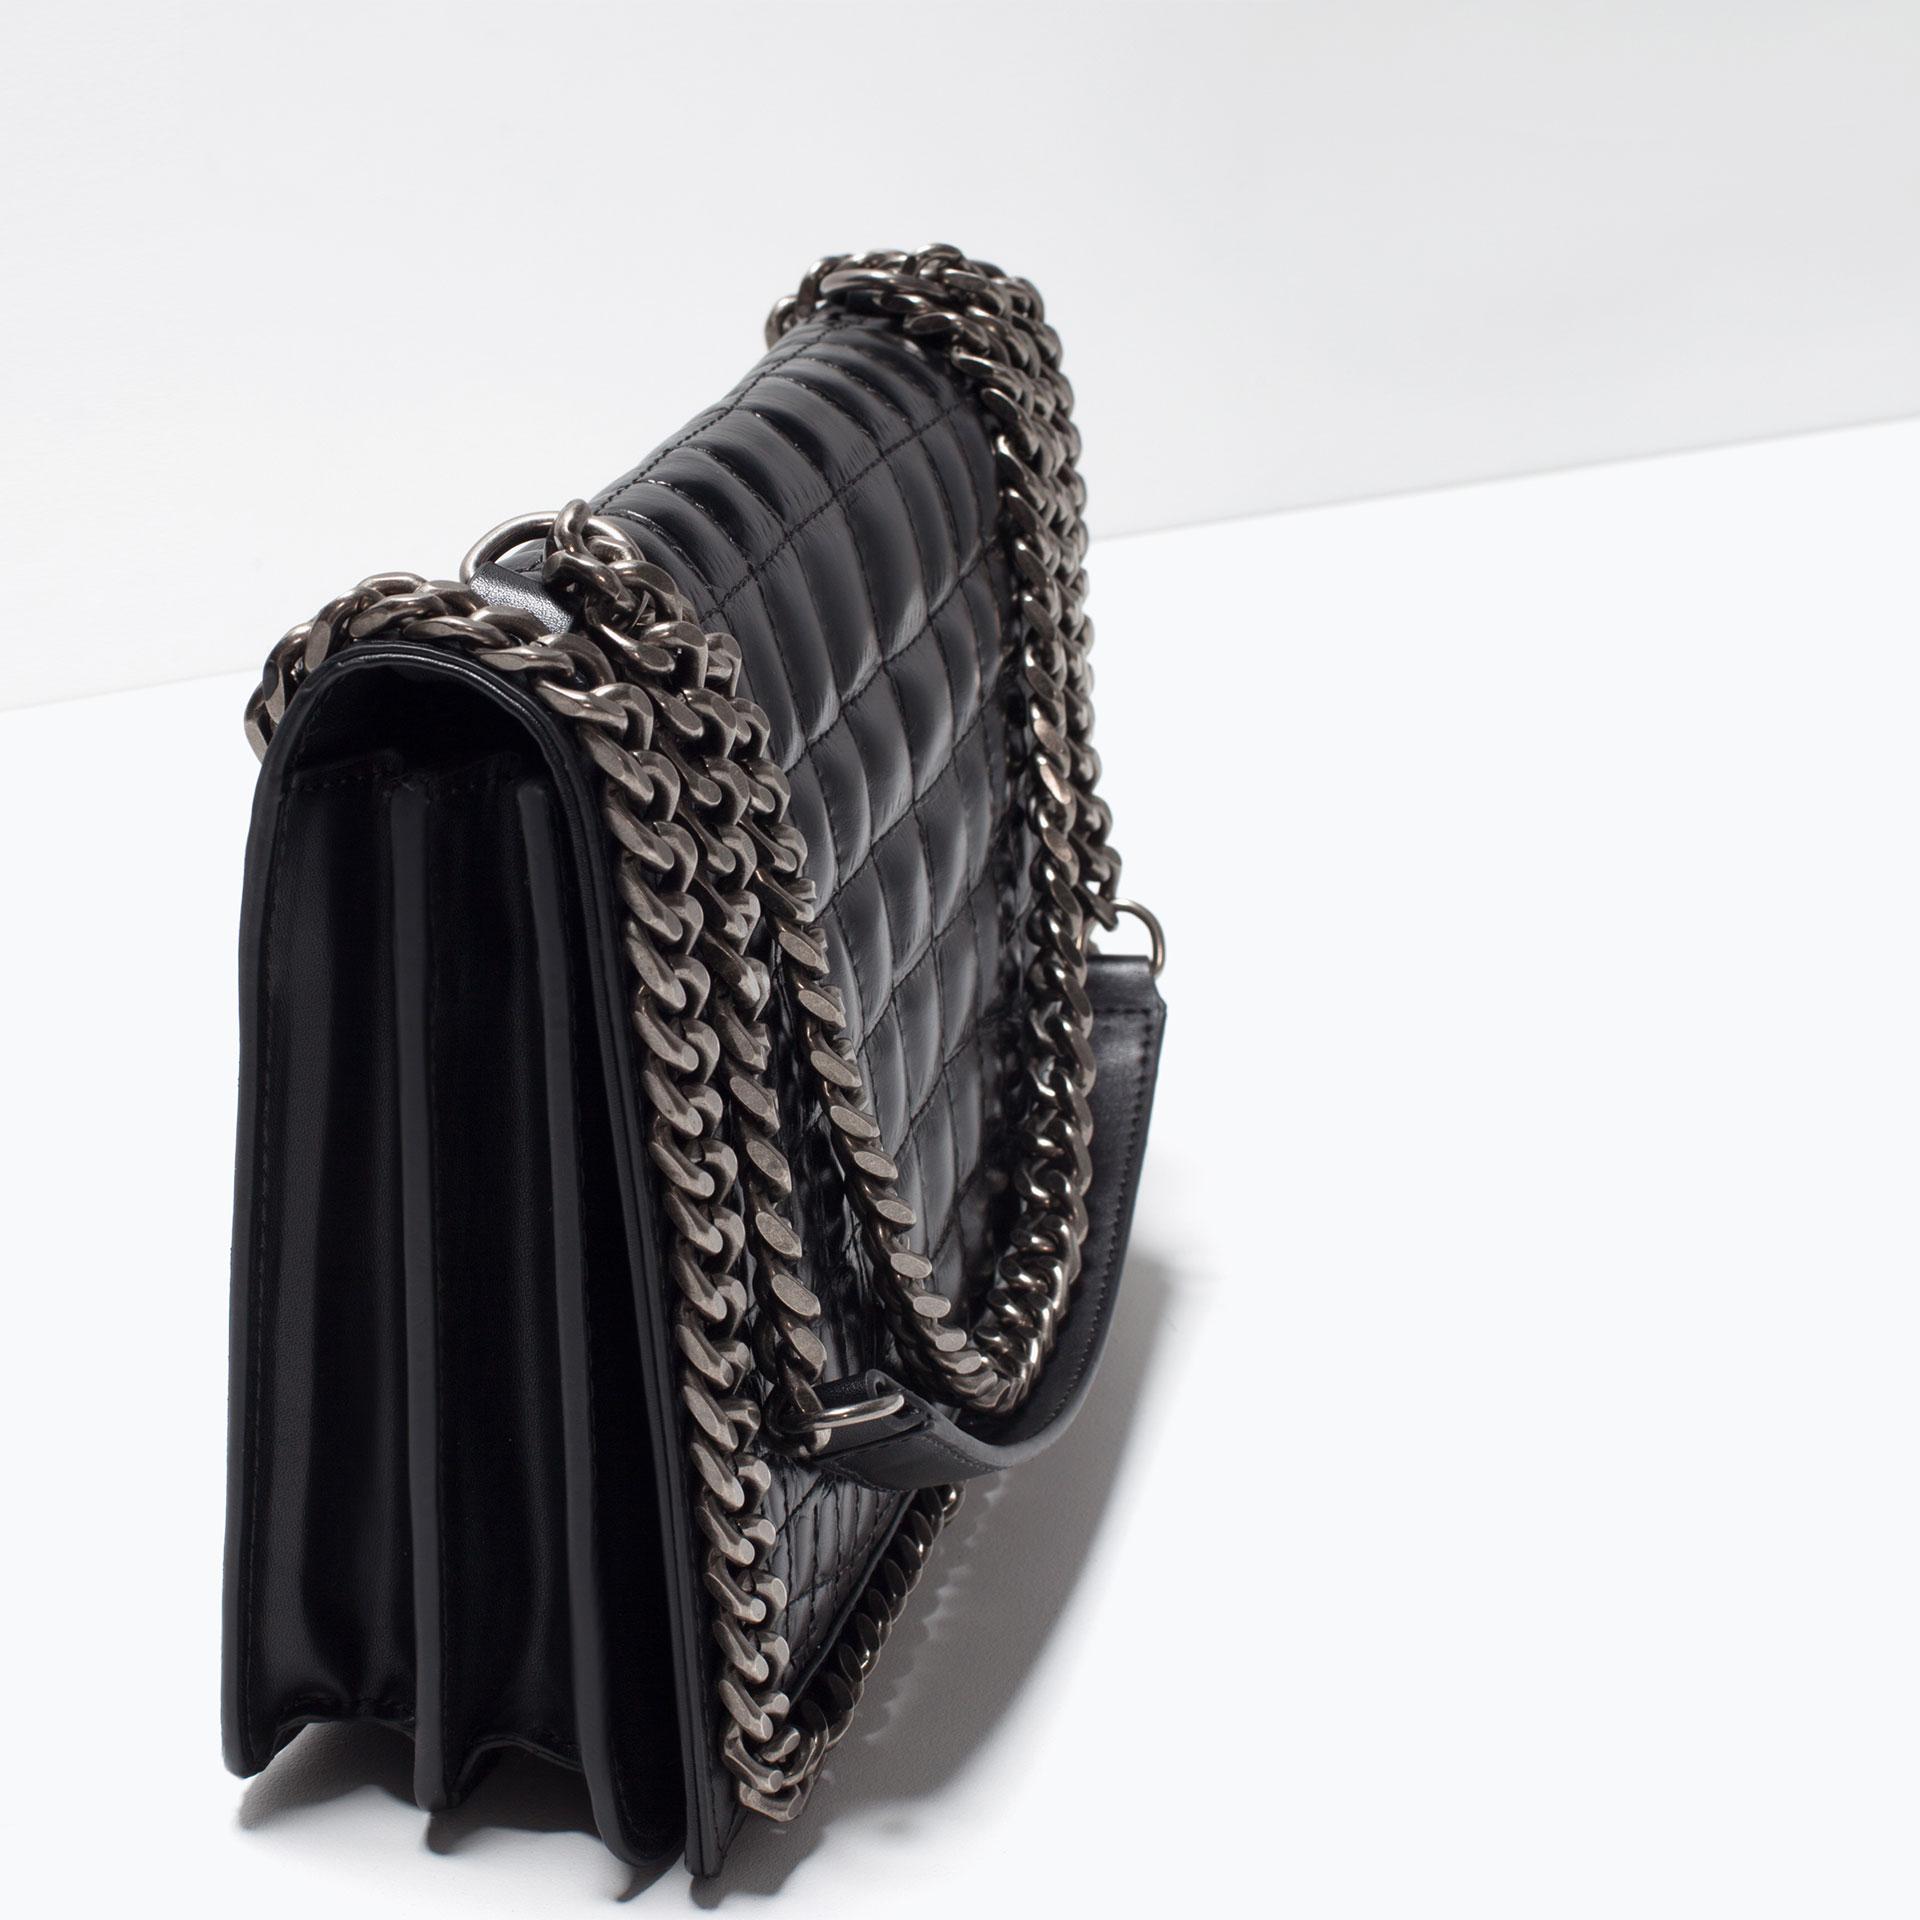 Zara City Chain-Trimmed Shoulder Bag in Black